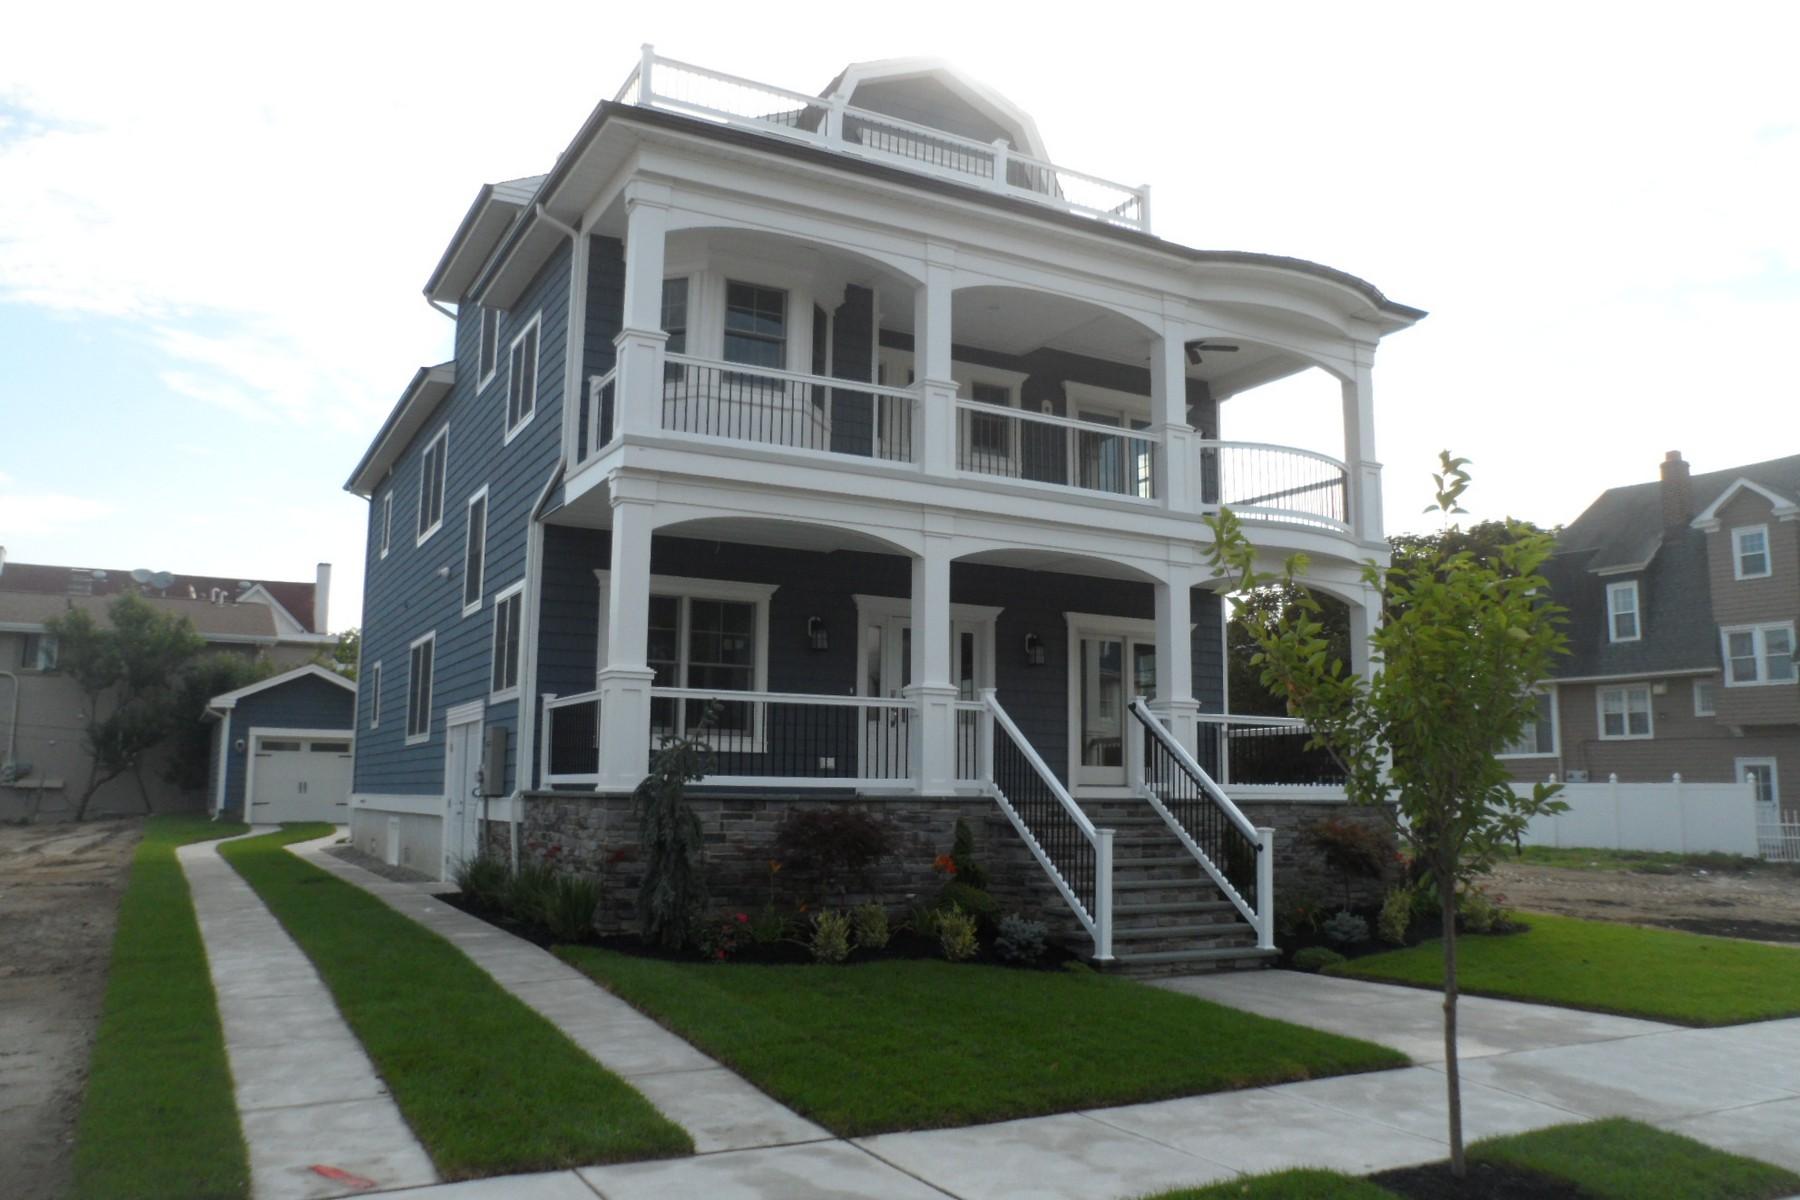 Maison unifamiliale pour l Vente à 3 S Dudley Avenue Ventnor, New Jersey, 08406 États-Unis